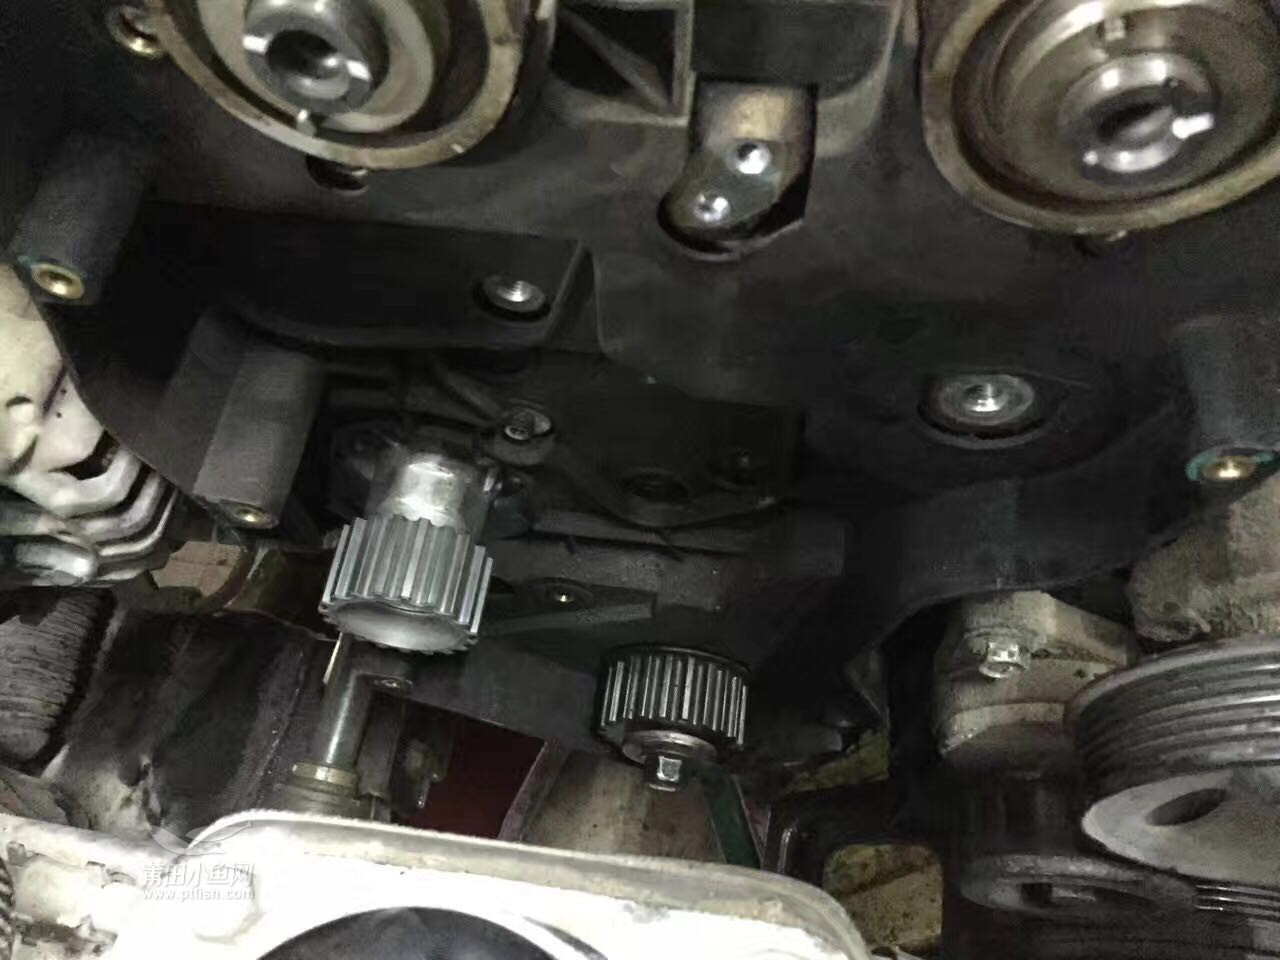 别克凯越更换发动机皮带 时规皮带 水泵 涨紧轮 气门室盖垫 半轴 清洗